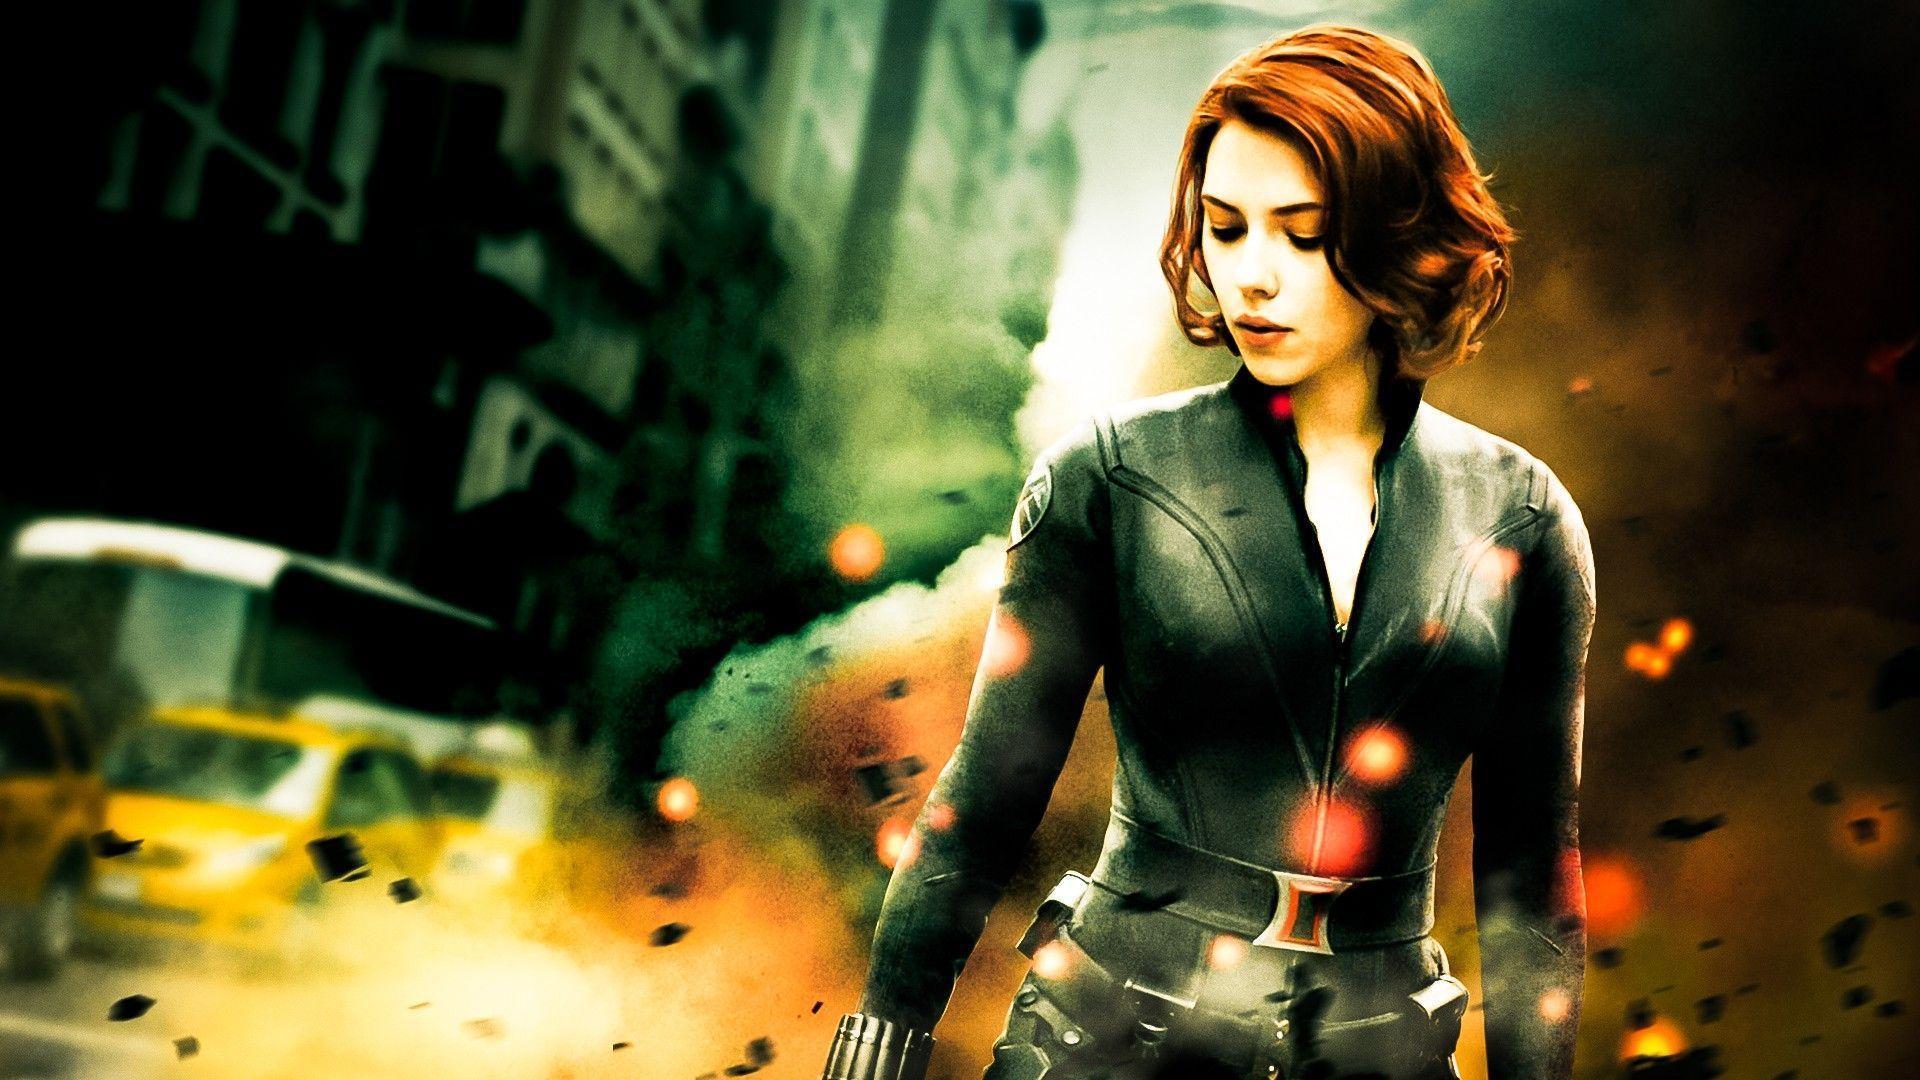 Avengers Scarlett Johansson Black Widow